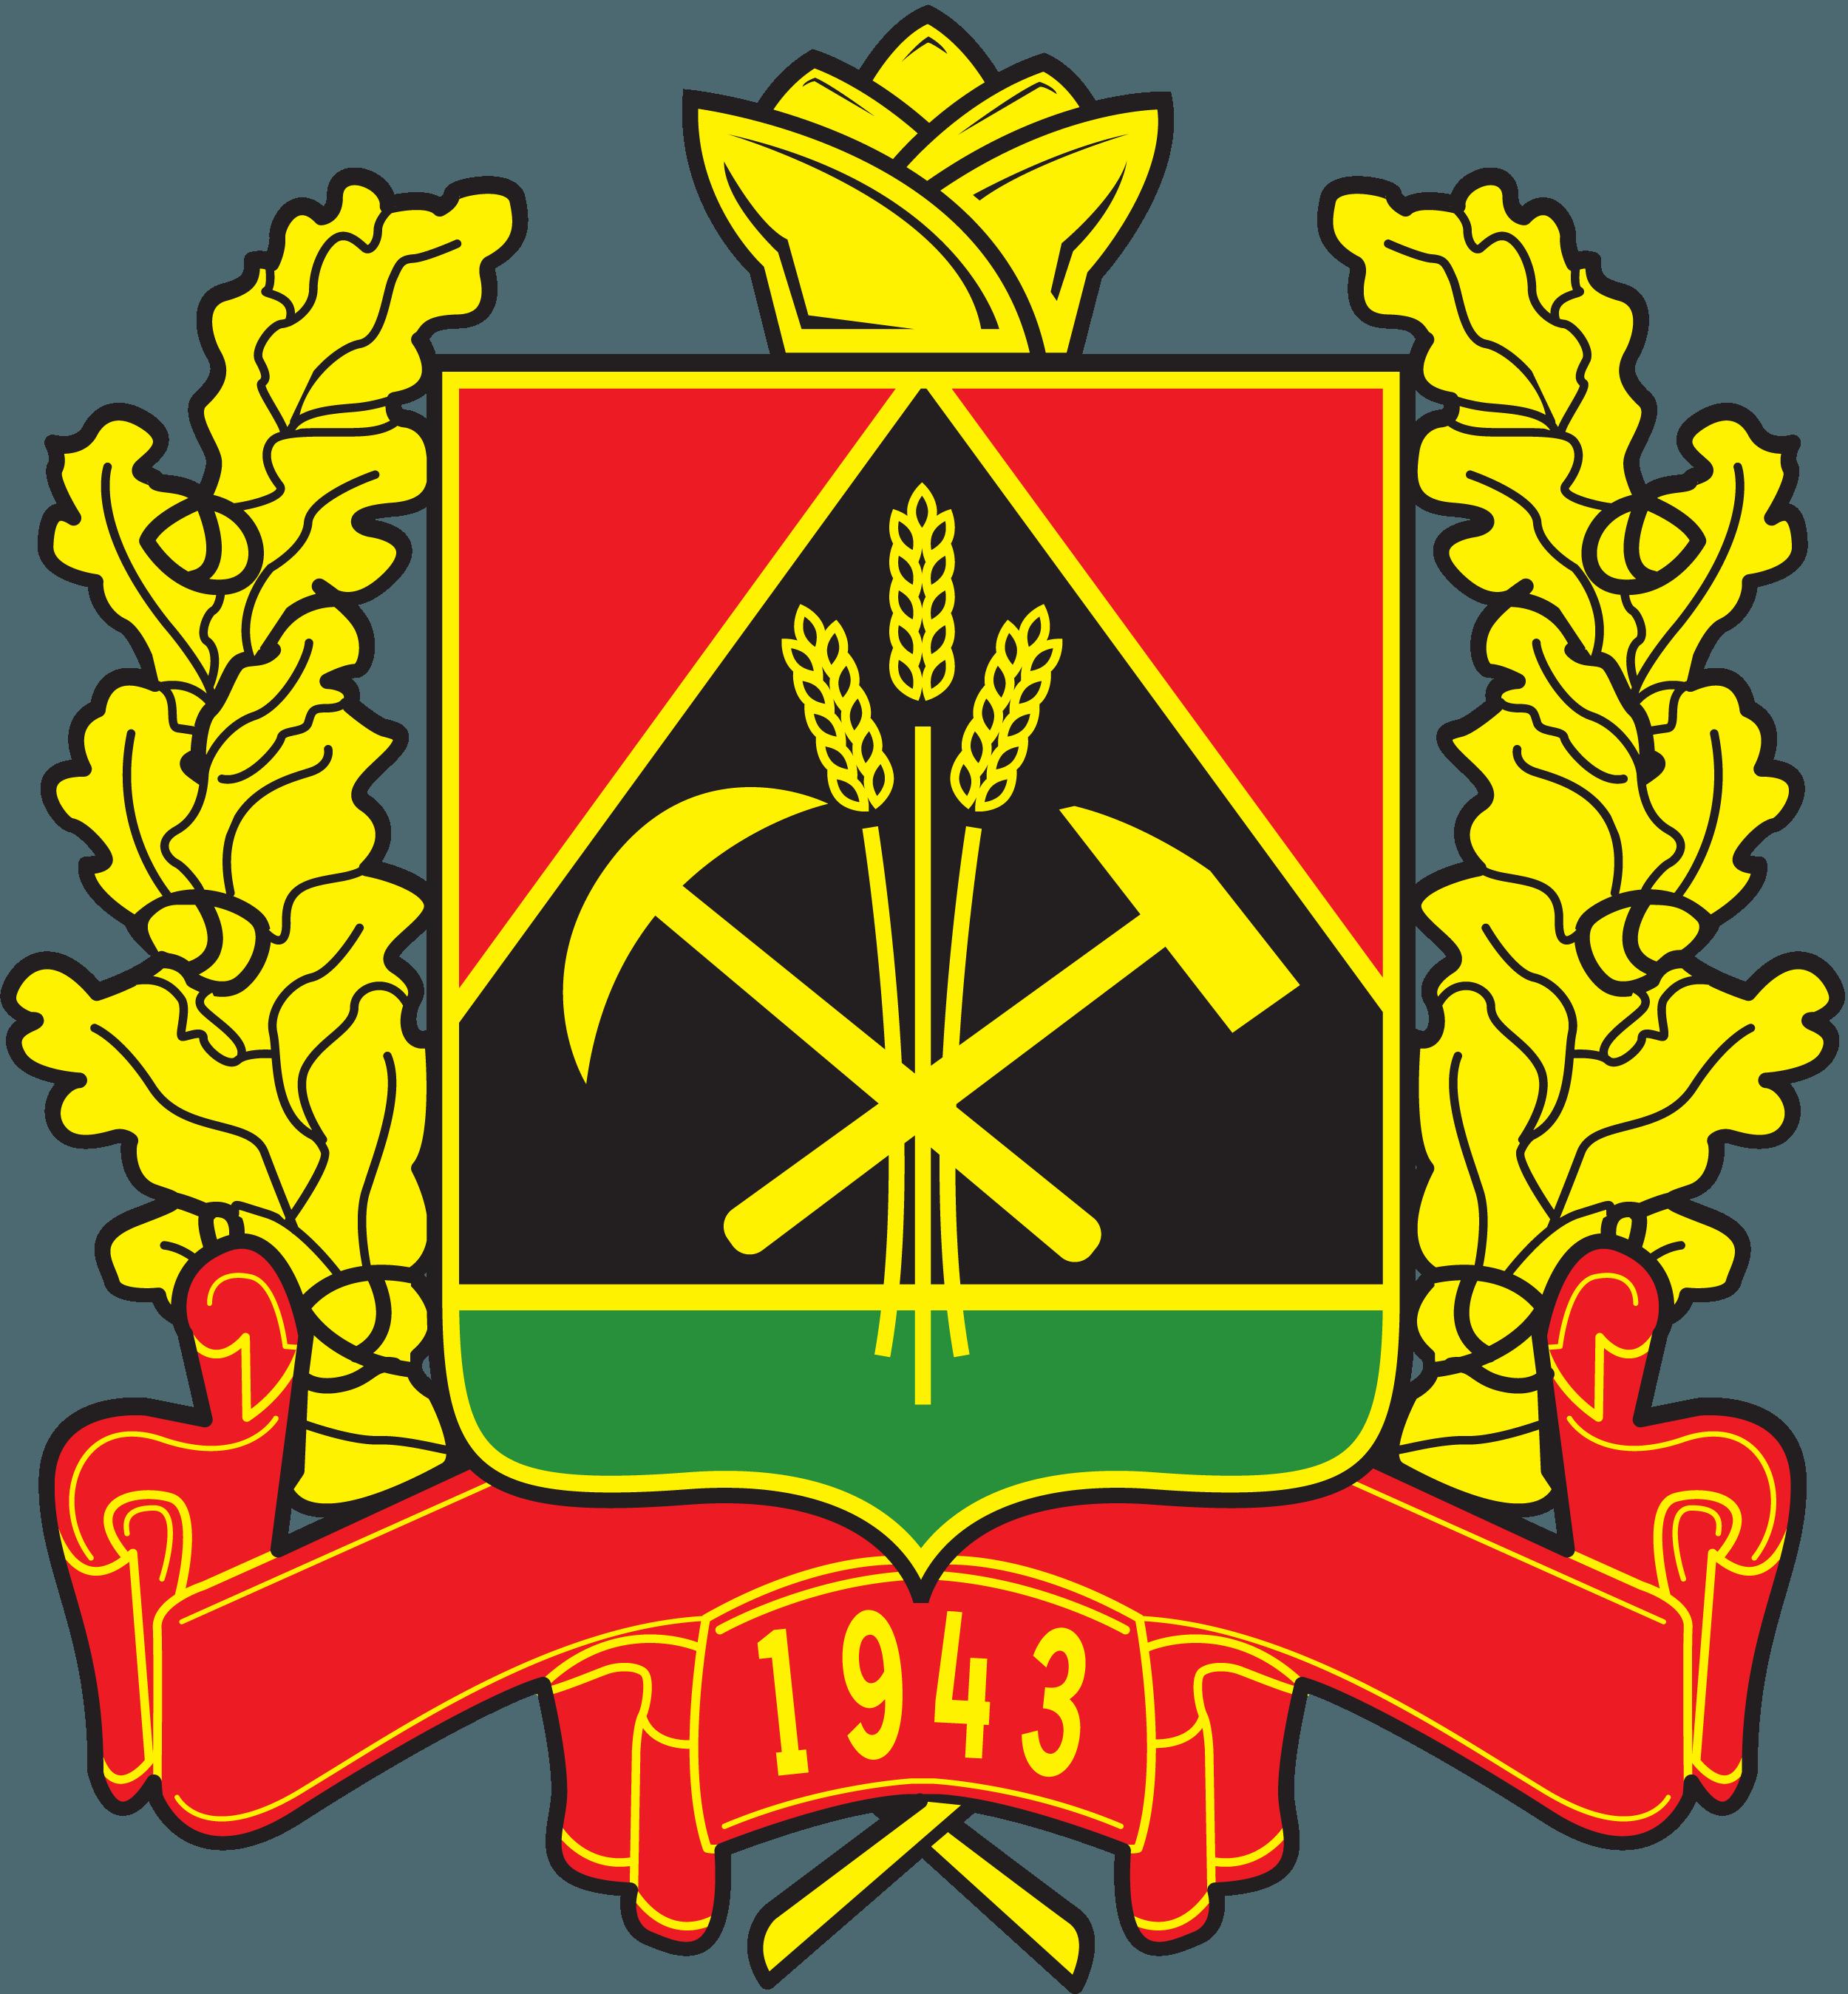 Изображение герба Кемеровской области Кузбаса